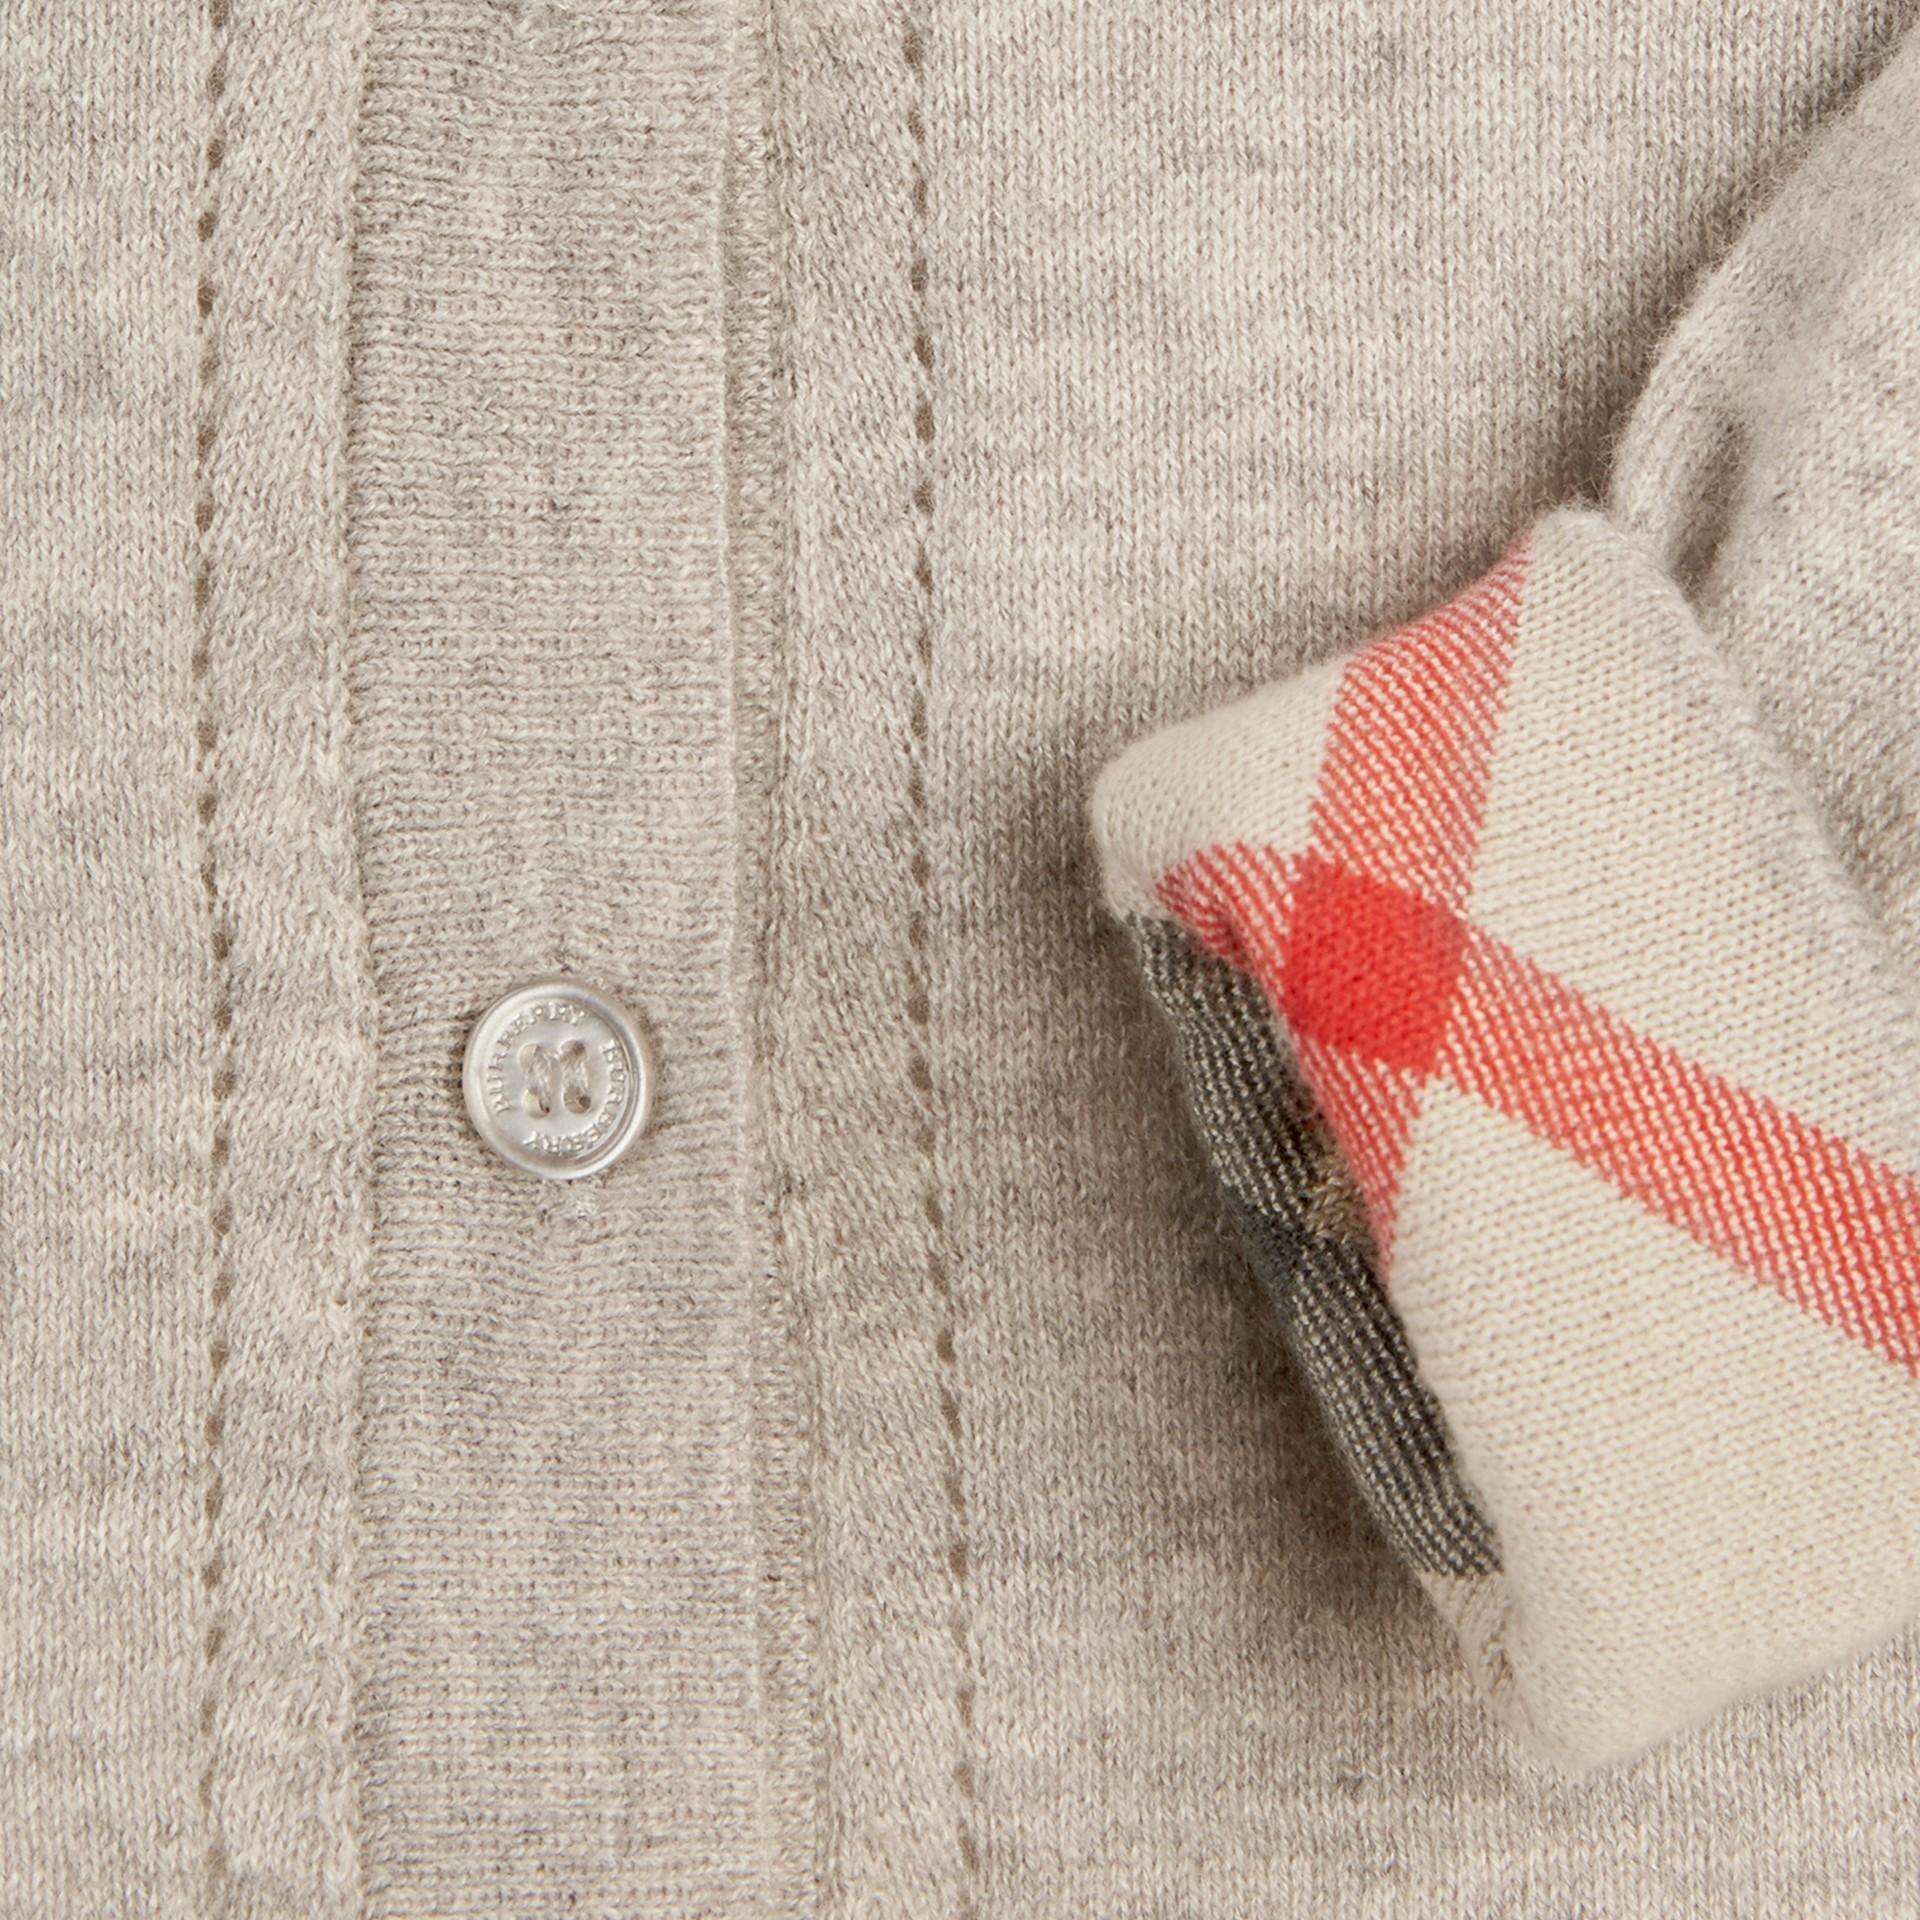 Camaïeu de gris pâles Cardigan en maille de coton avec poignets à motif check Camaïeu  Gris Pâles - photo de la galerie 2